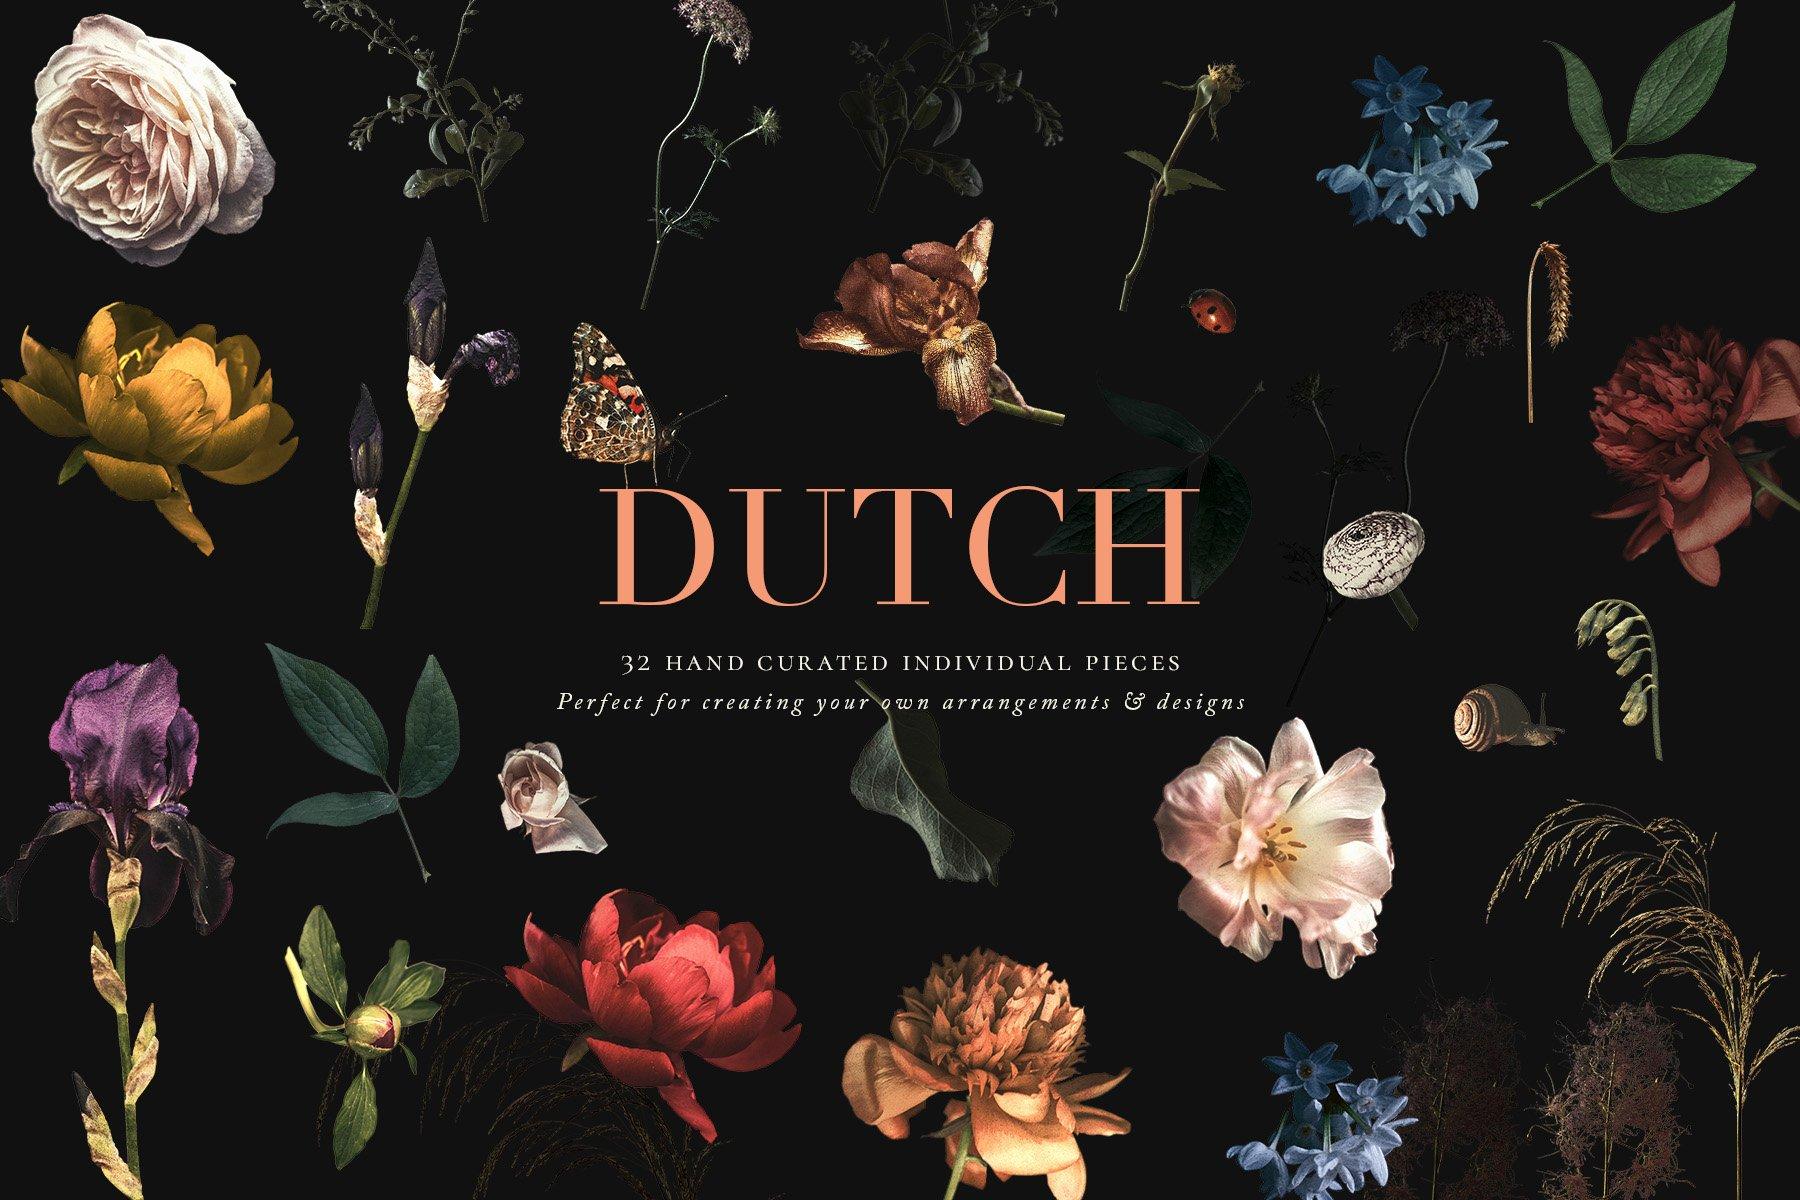 奢华复古宫廷花卉植物海报视觉设计PNG图片素材 Vintage Floral Clip Art – Dutch插图(4)